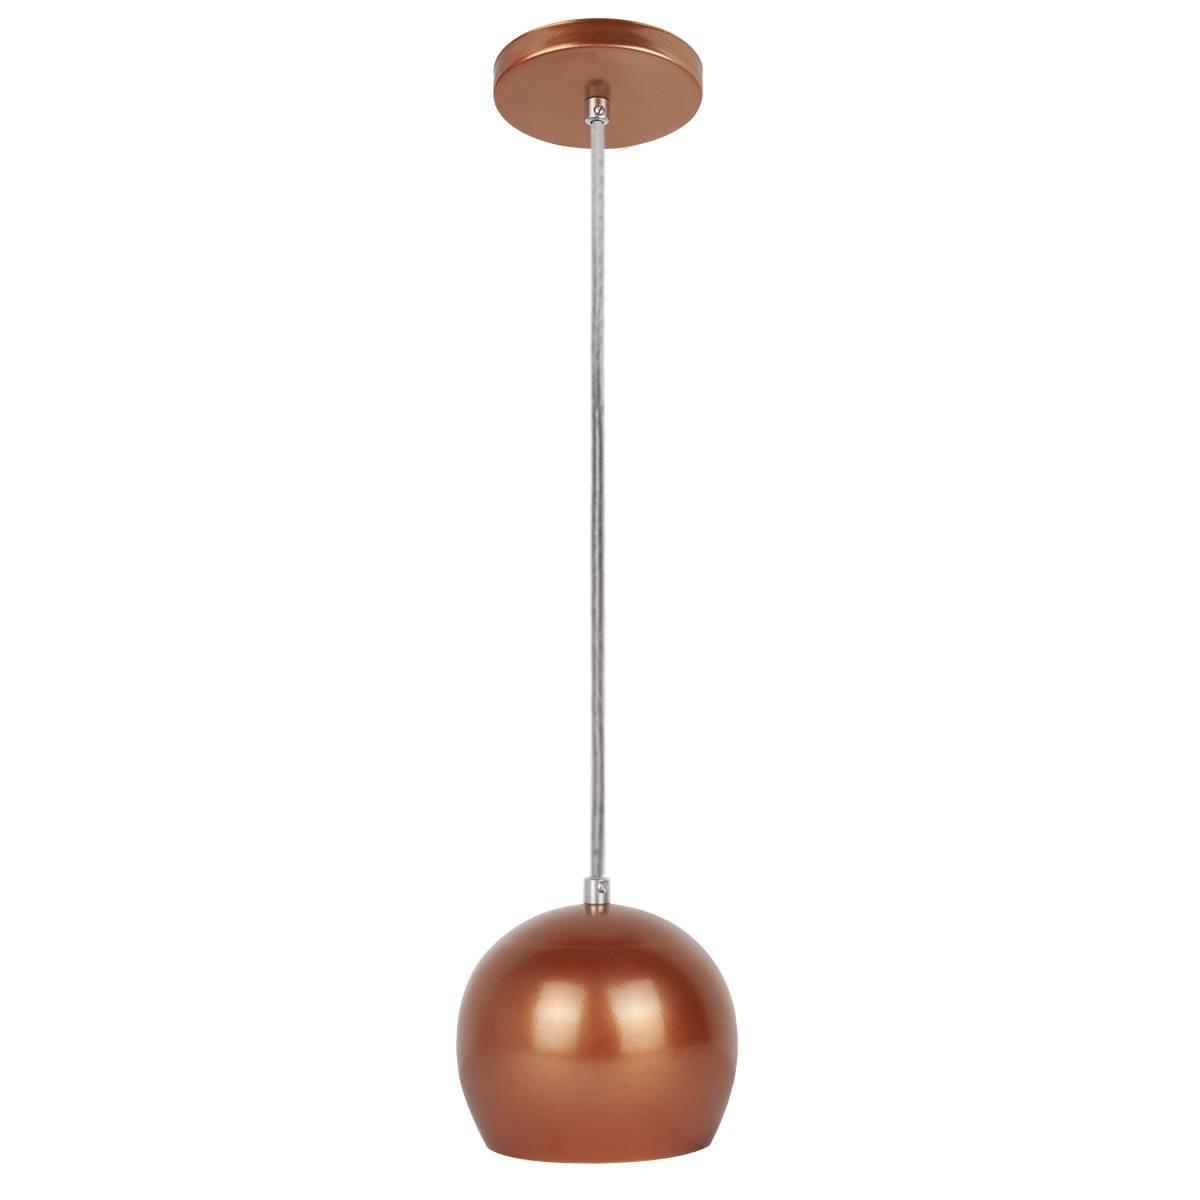 Luminária Pendente Bola Cobre Pequeno P/ 1 Lâmpada Enerlux - LCGELETRO